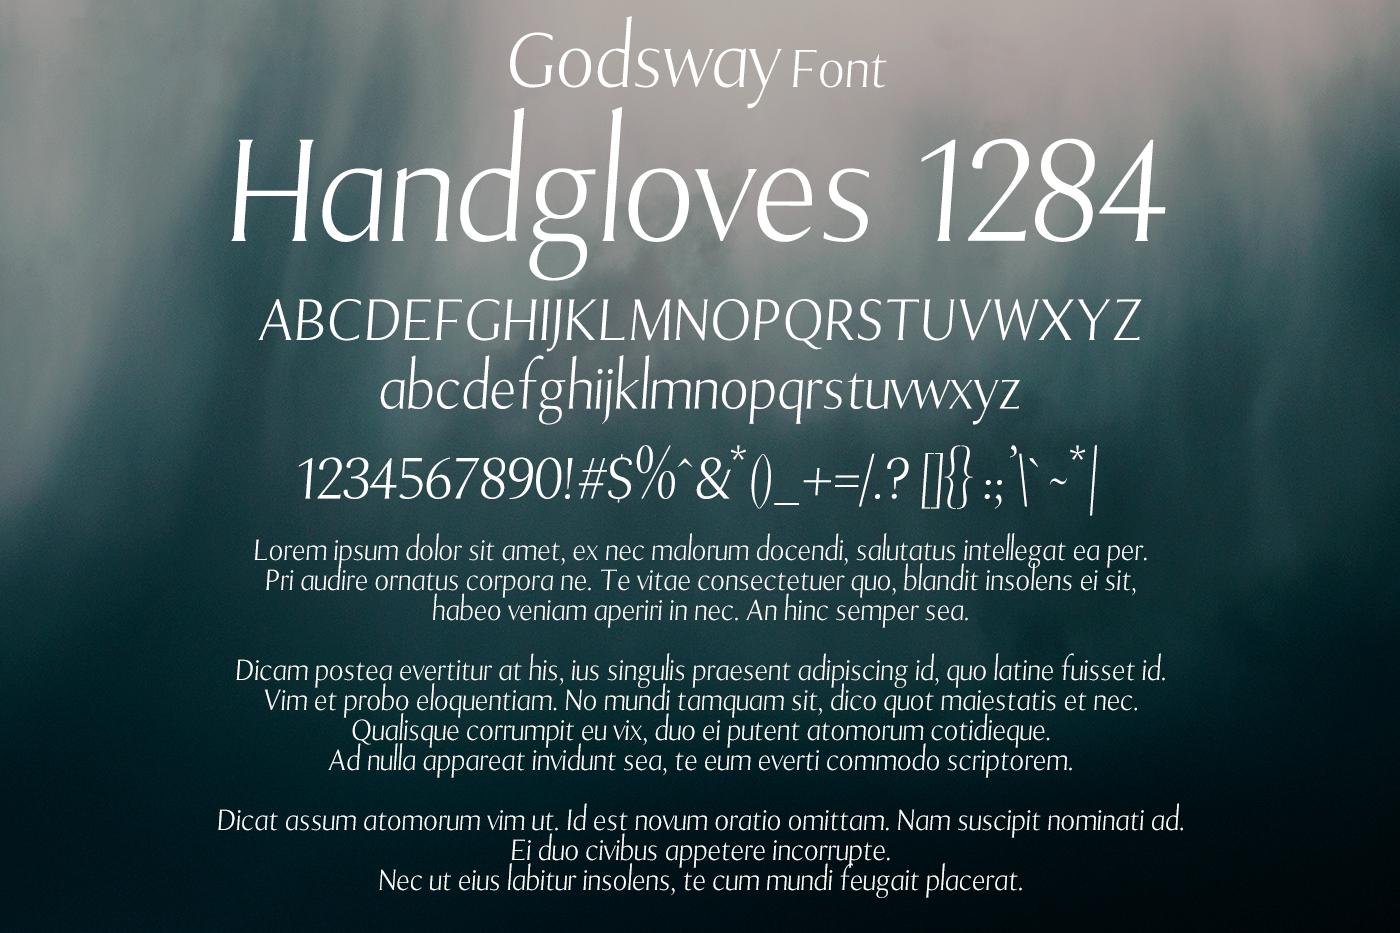 Godsway Font example image 2